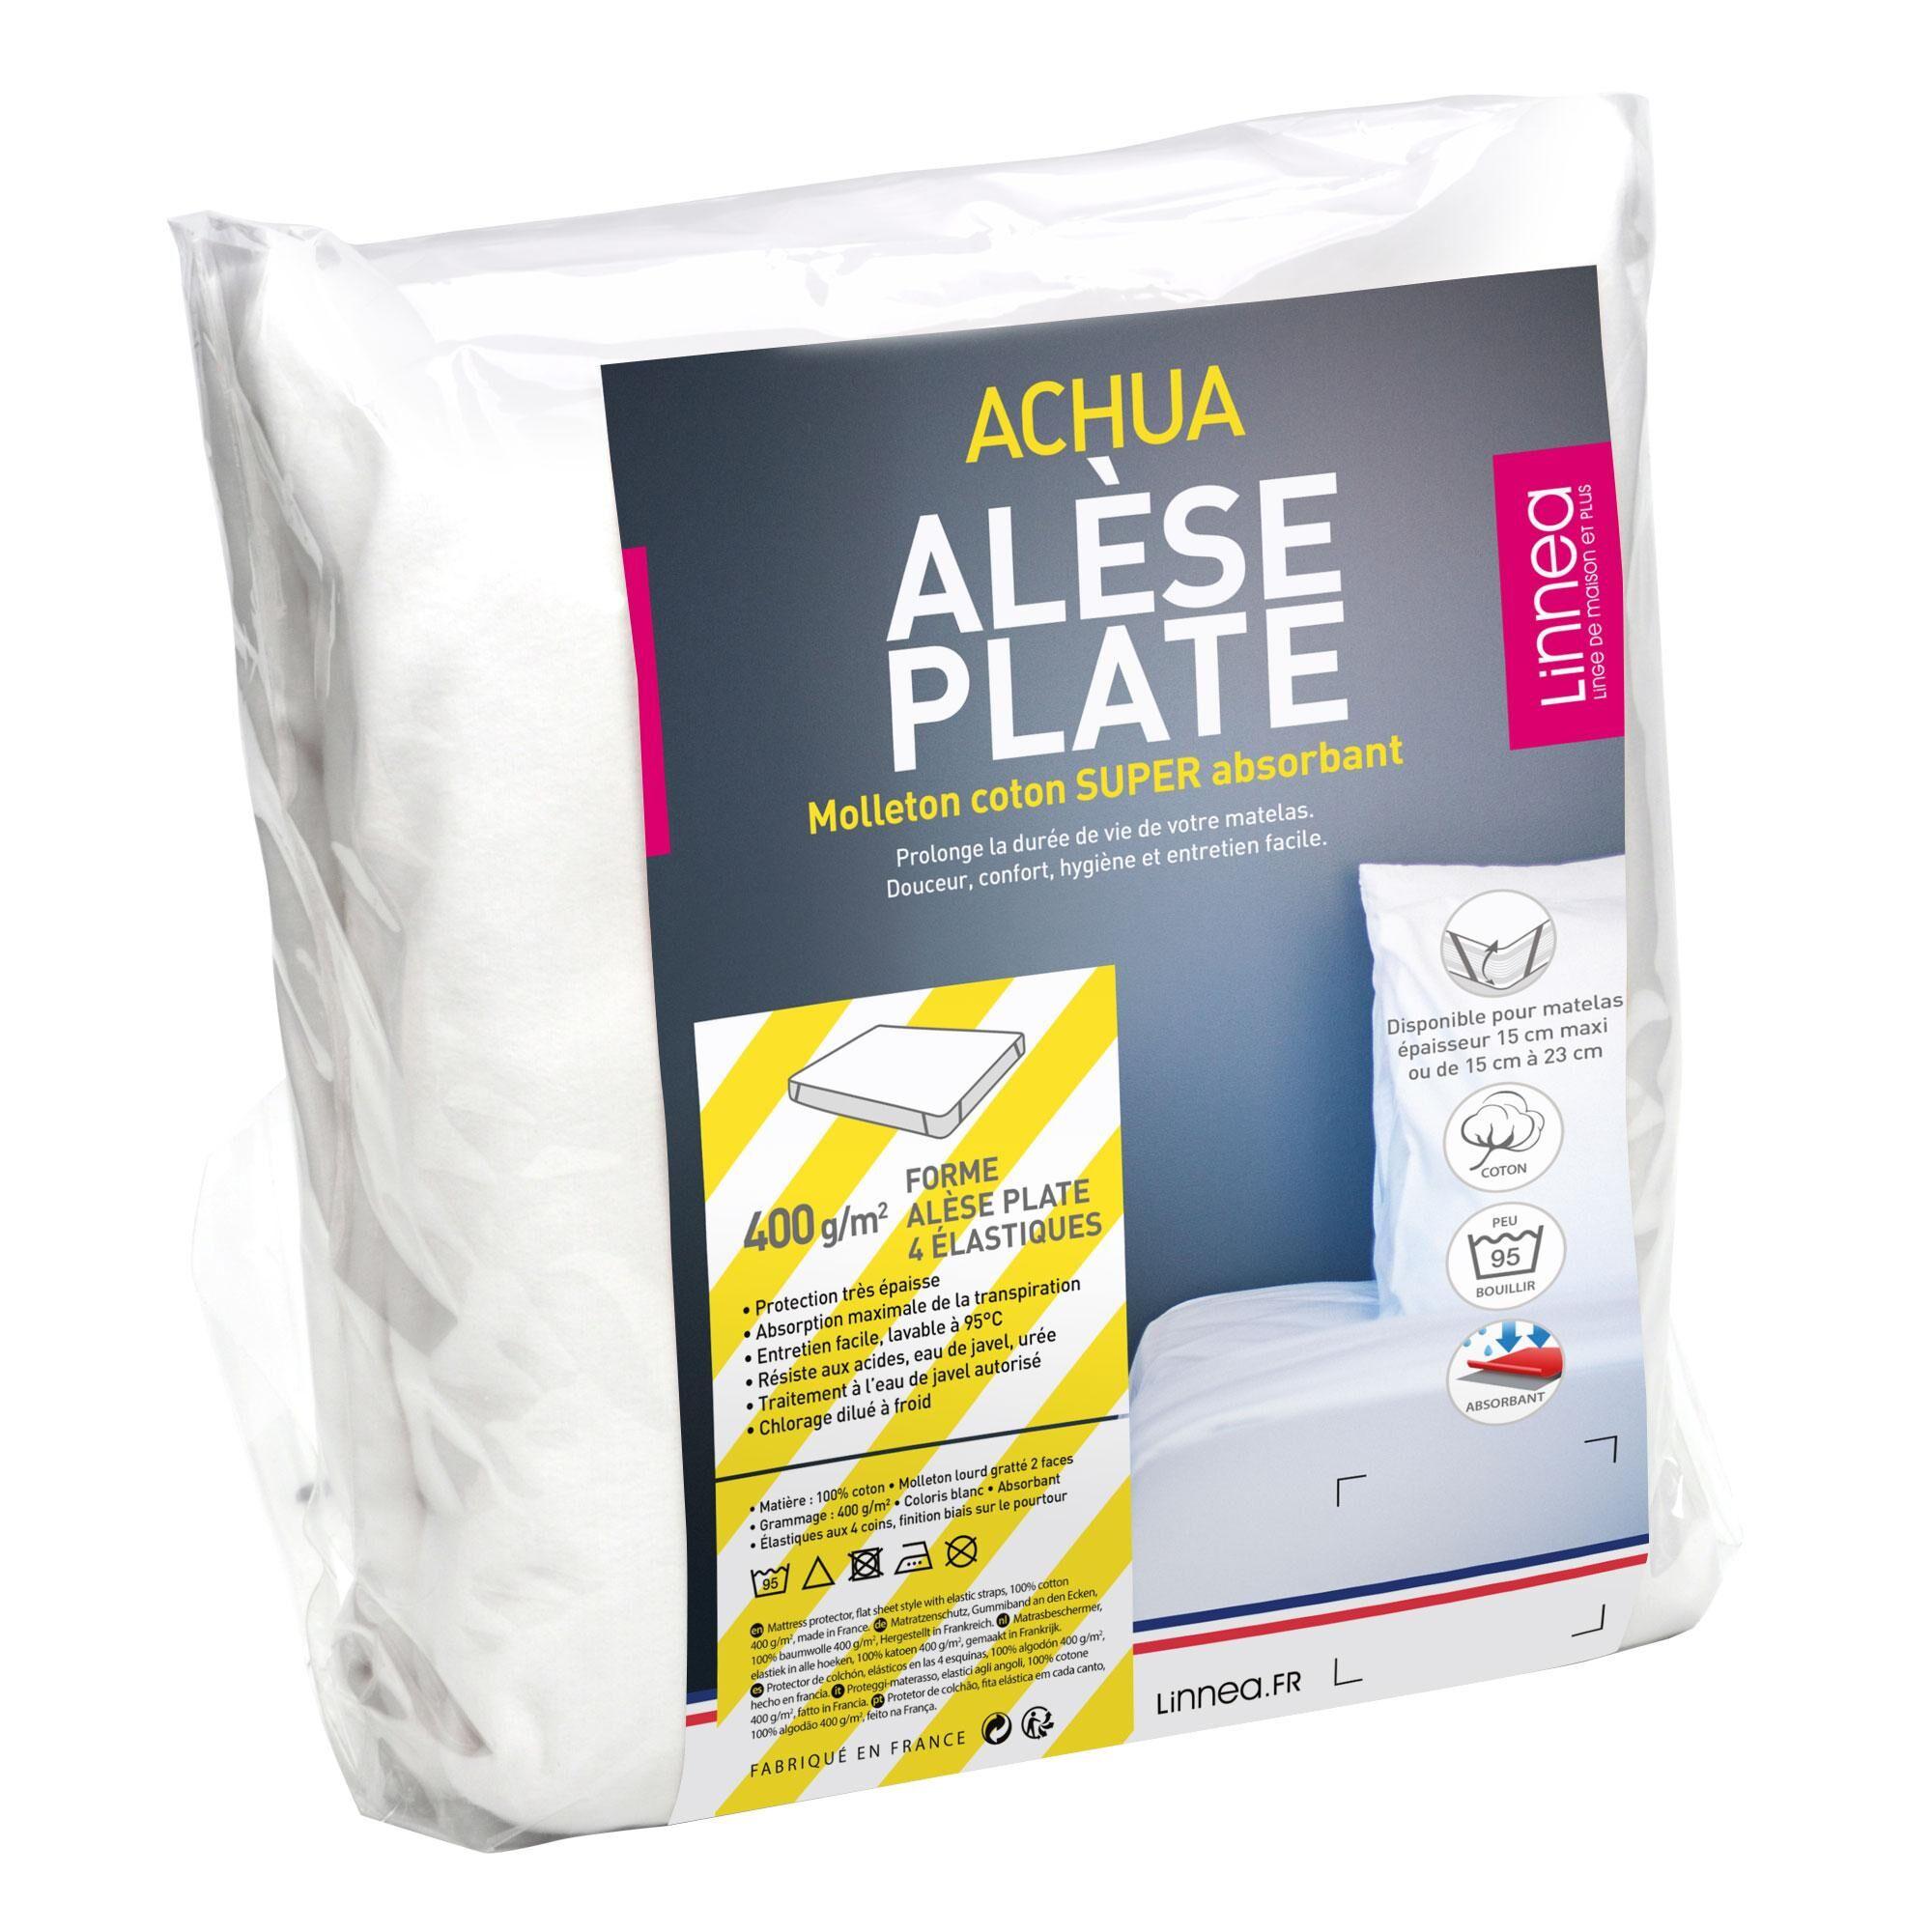 Linnea Alèse plate 150x190 cm ACHUA Molleton 100% coton 400 g/m2 matelas 15cm à 23cm